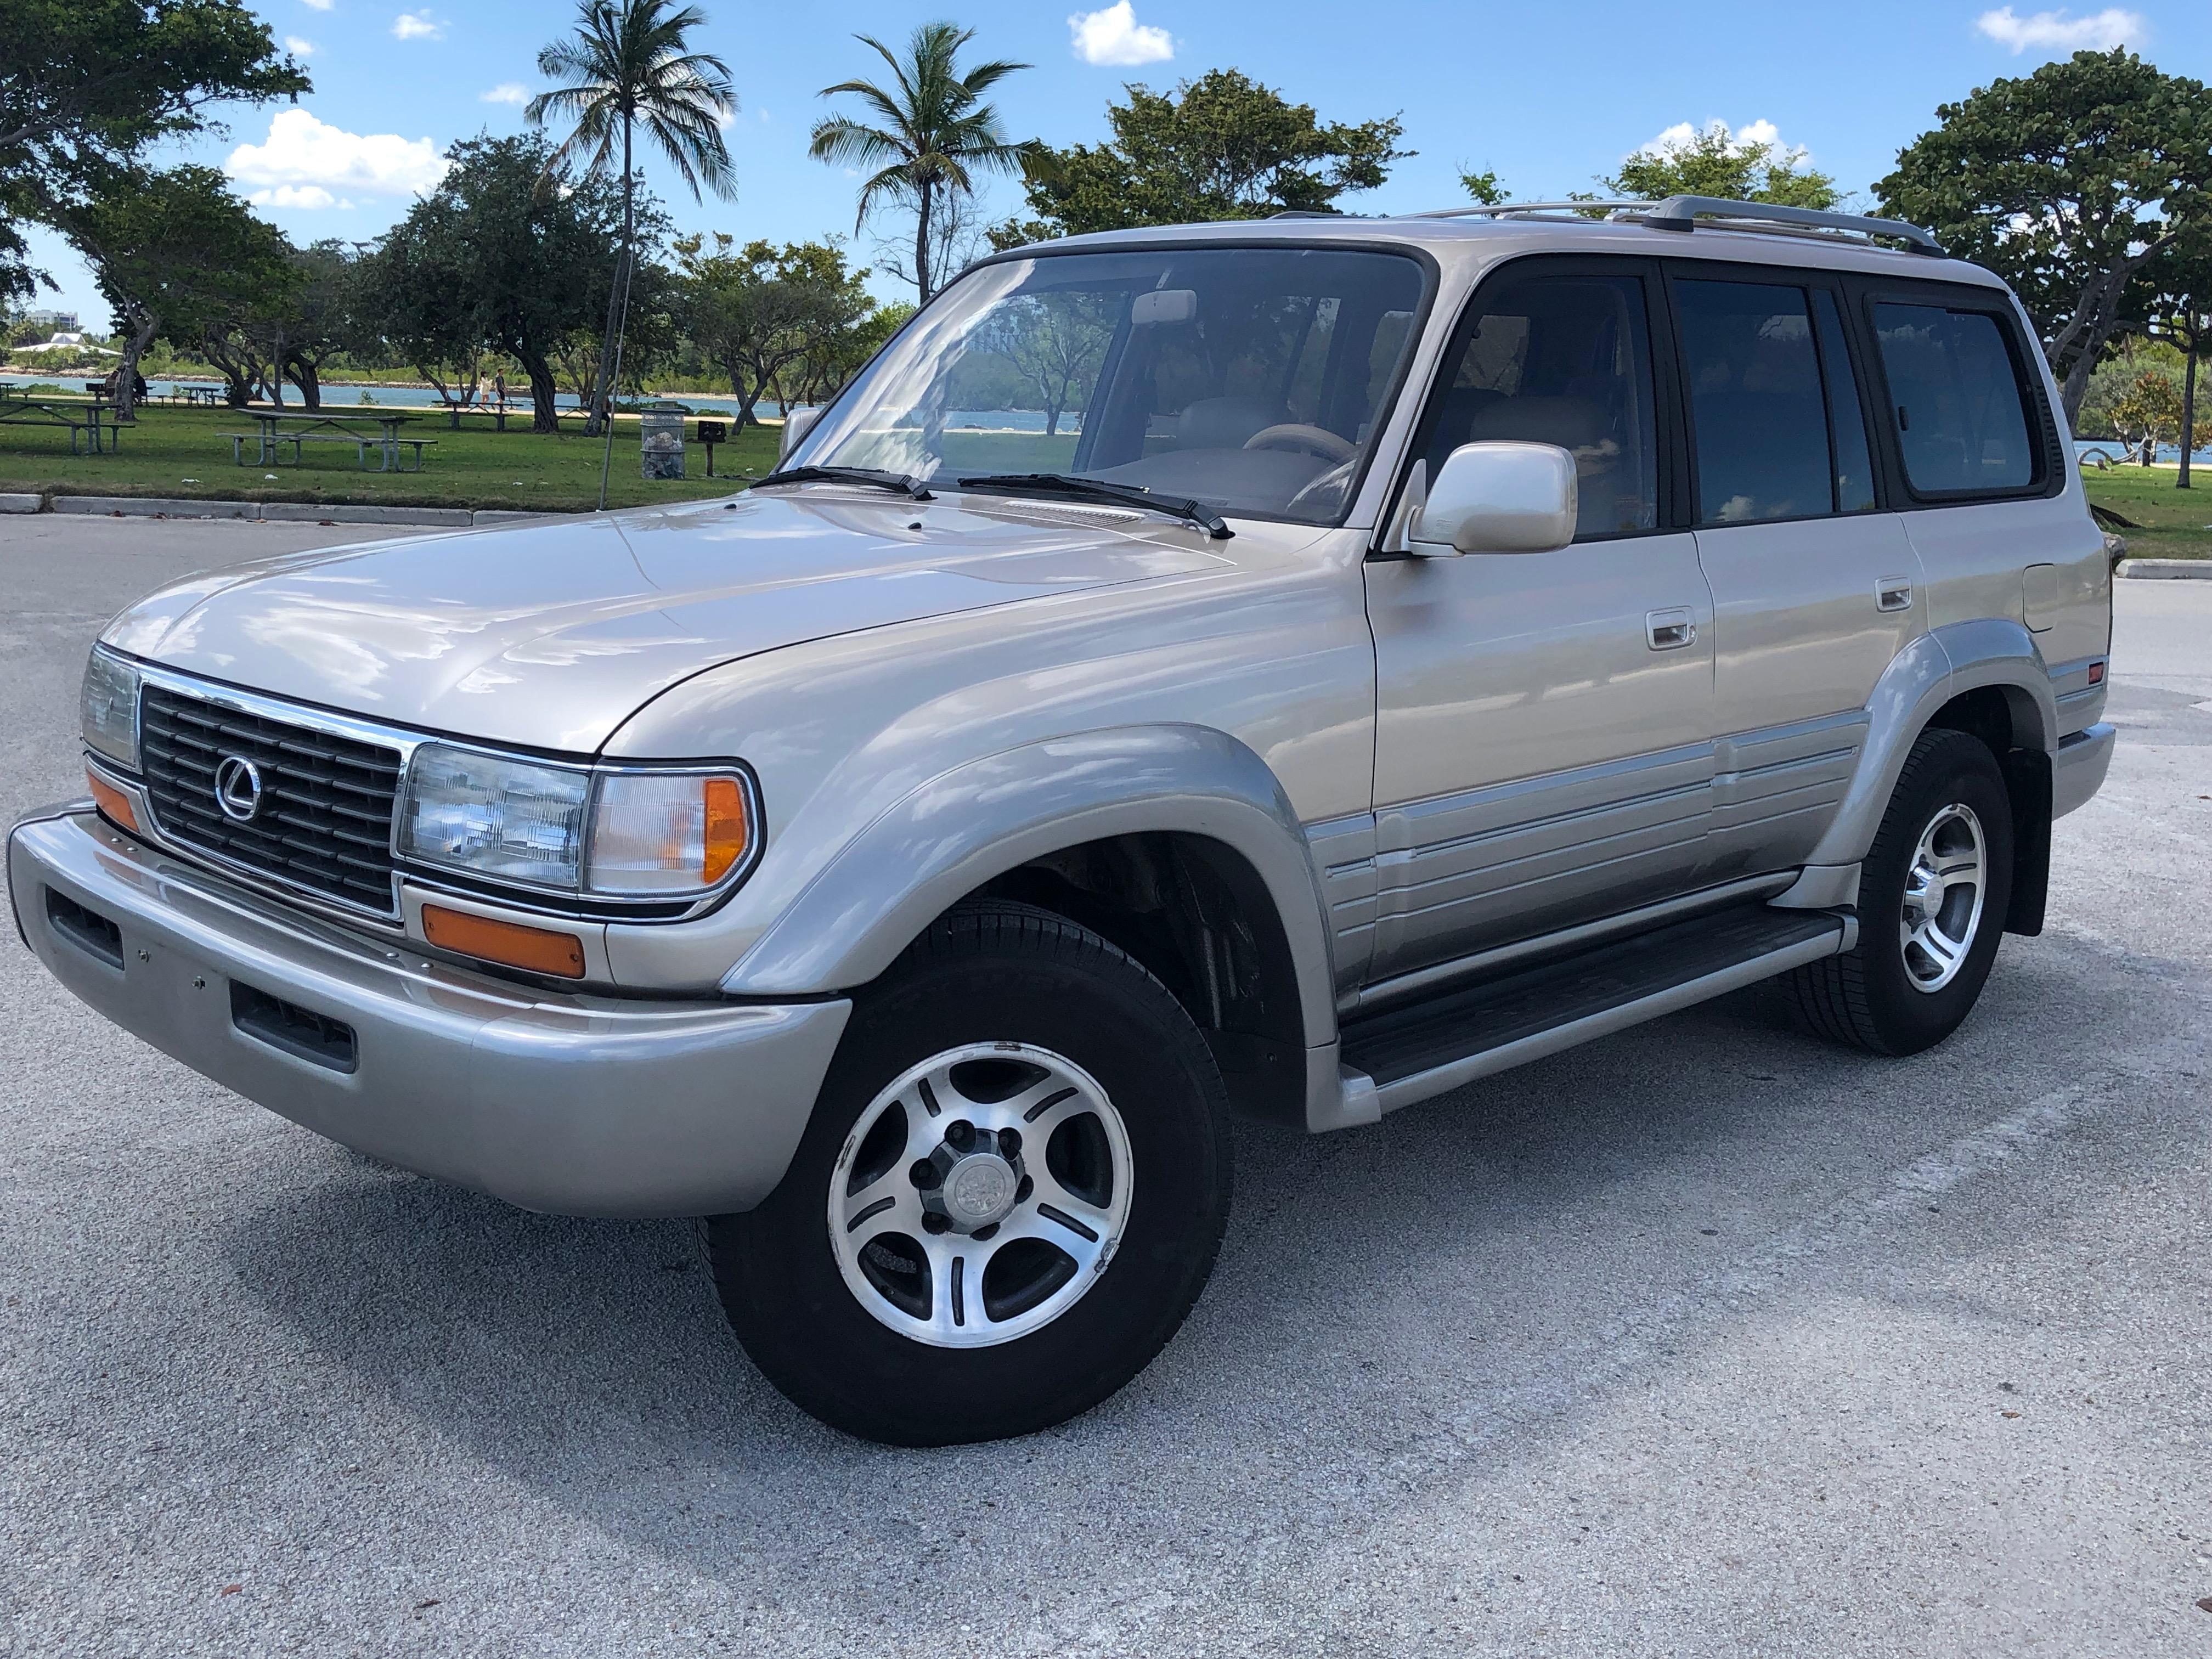 1997 Lexus LX 450 4WD | Totum Cars Miami